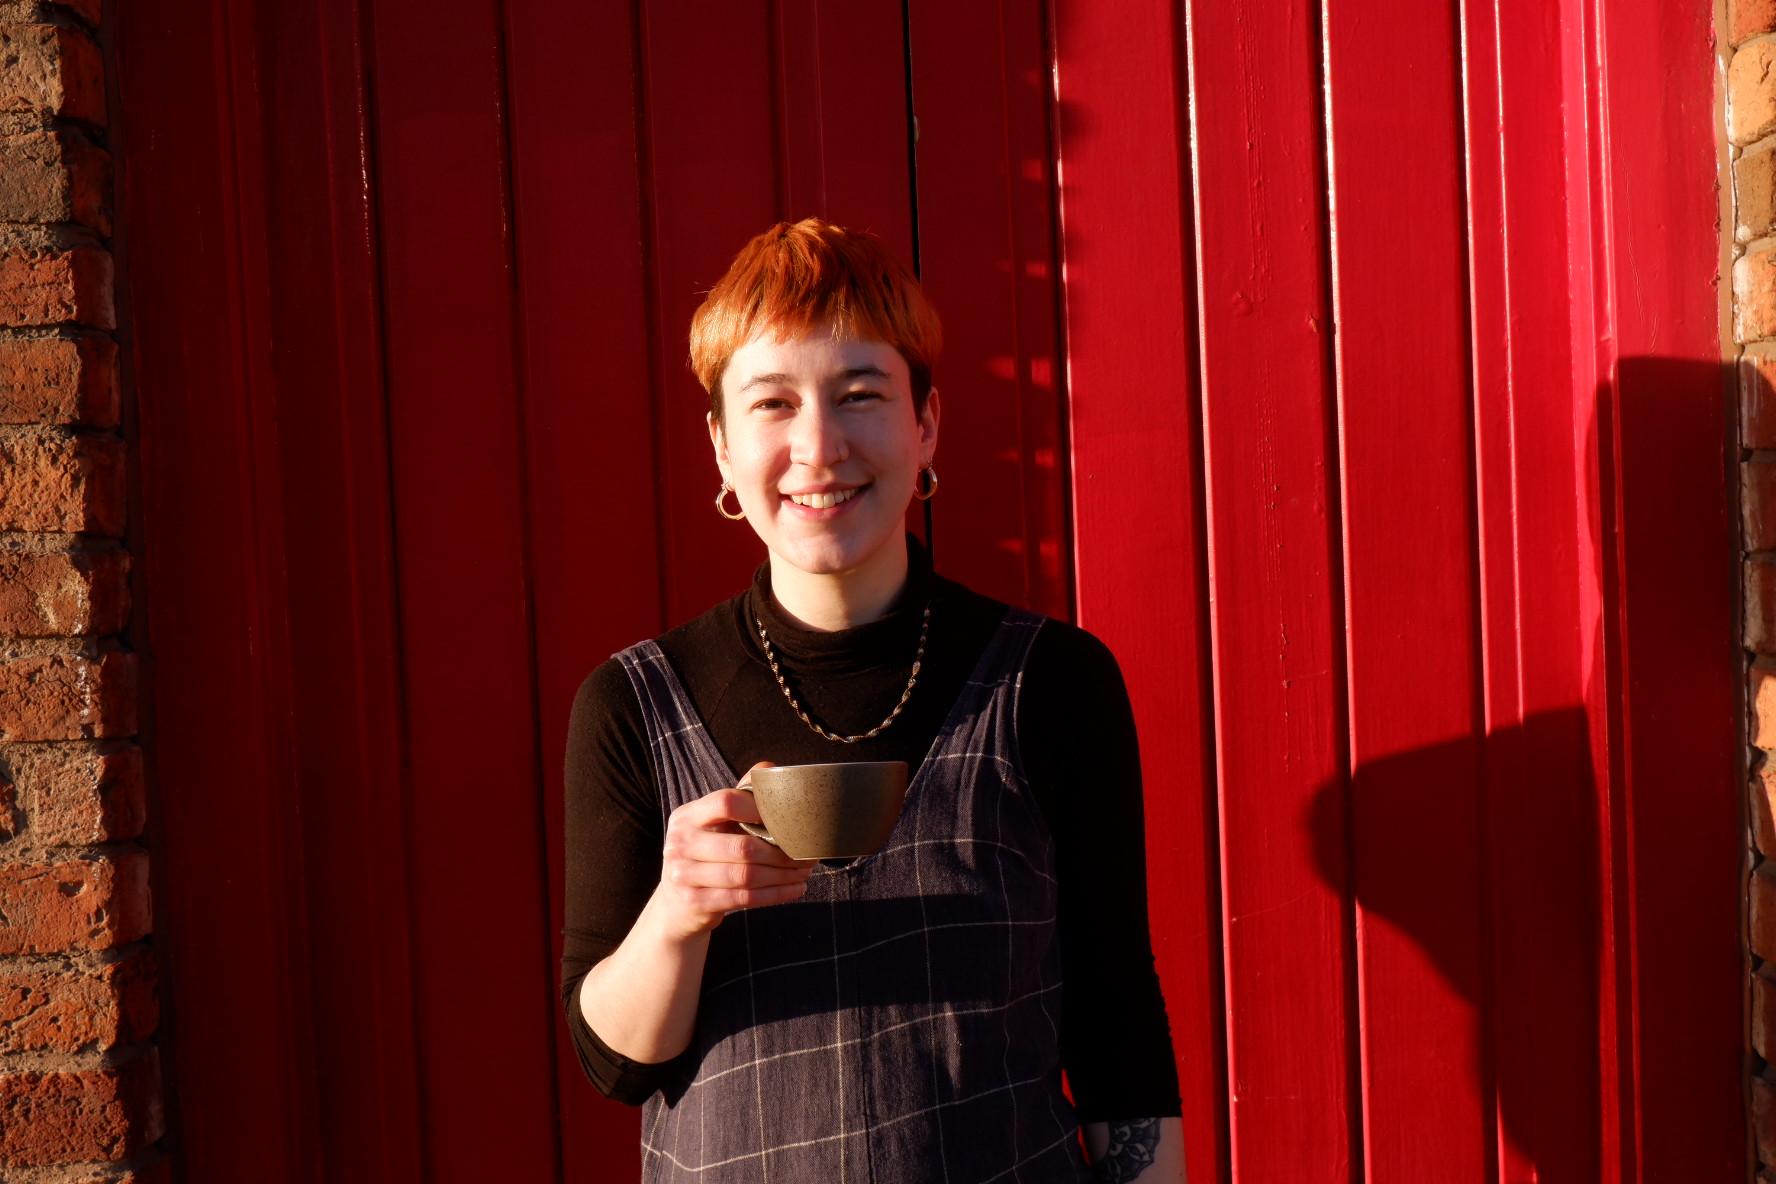 Helena Gloeckner